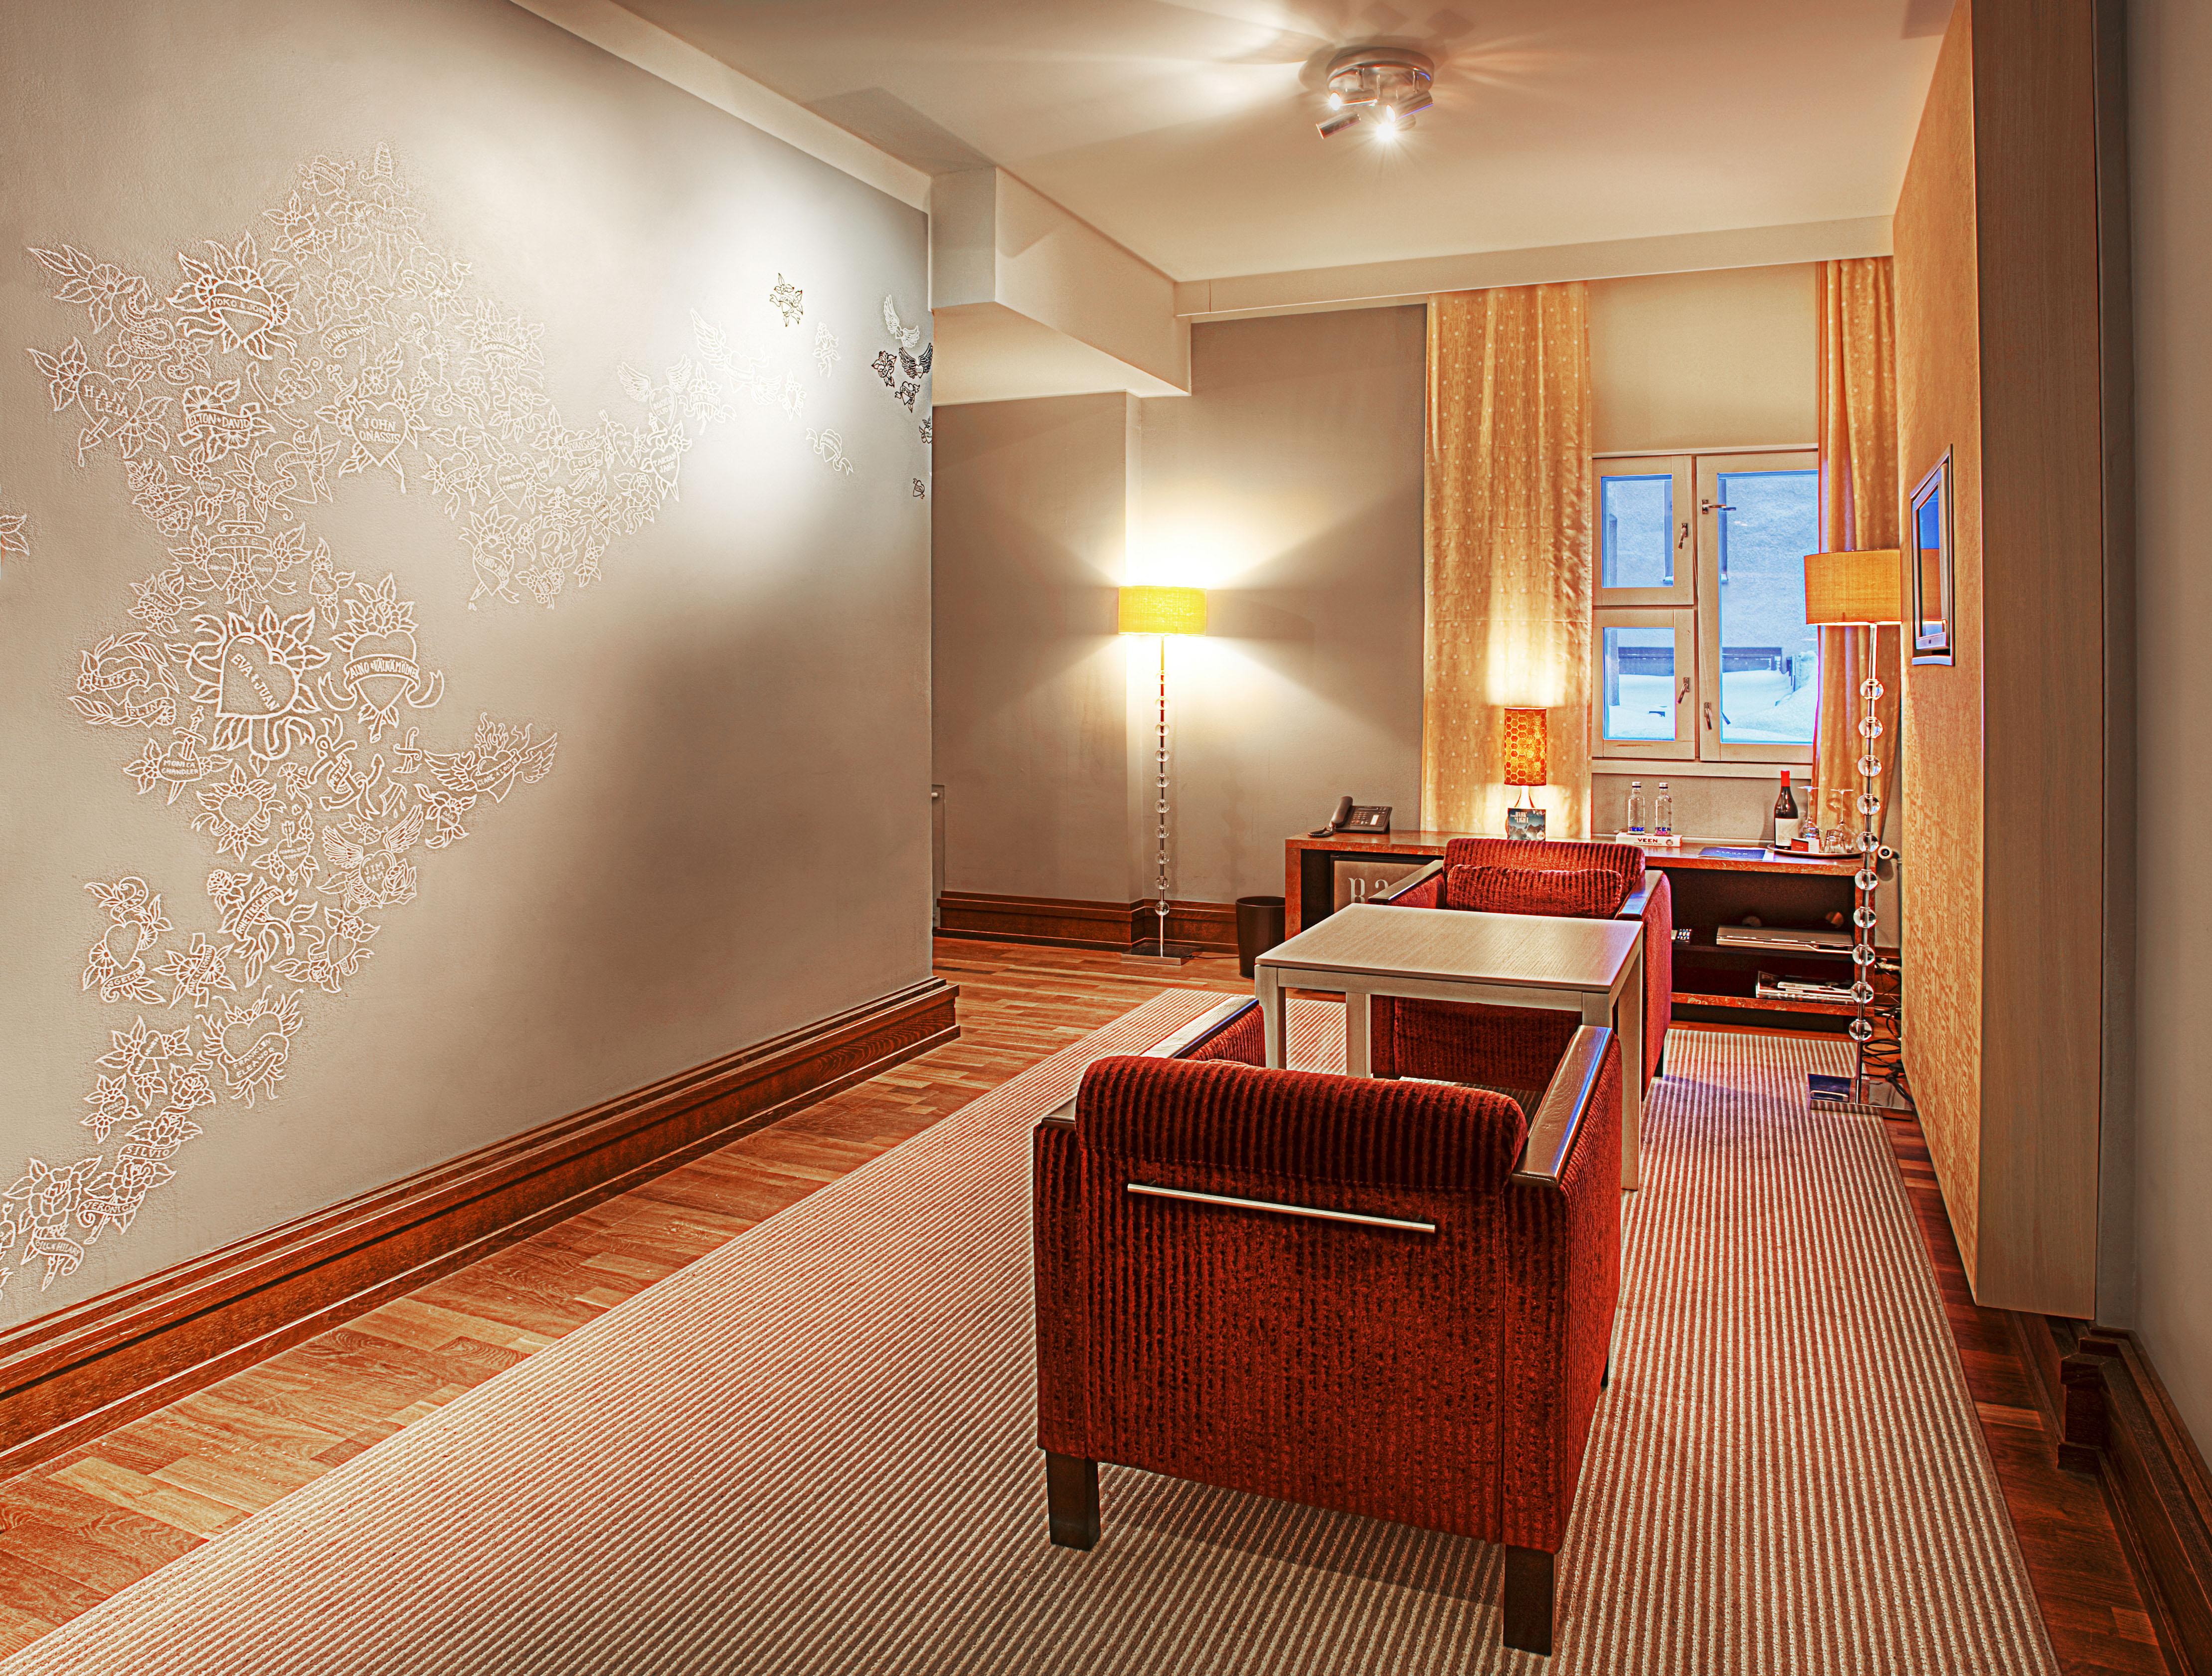 Art room jani leinonen klaus k hotel for Klaus k hotel living room